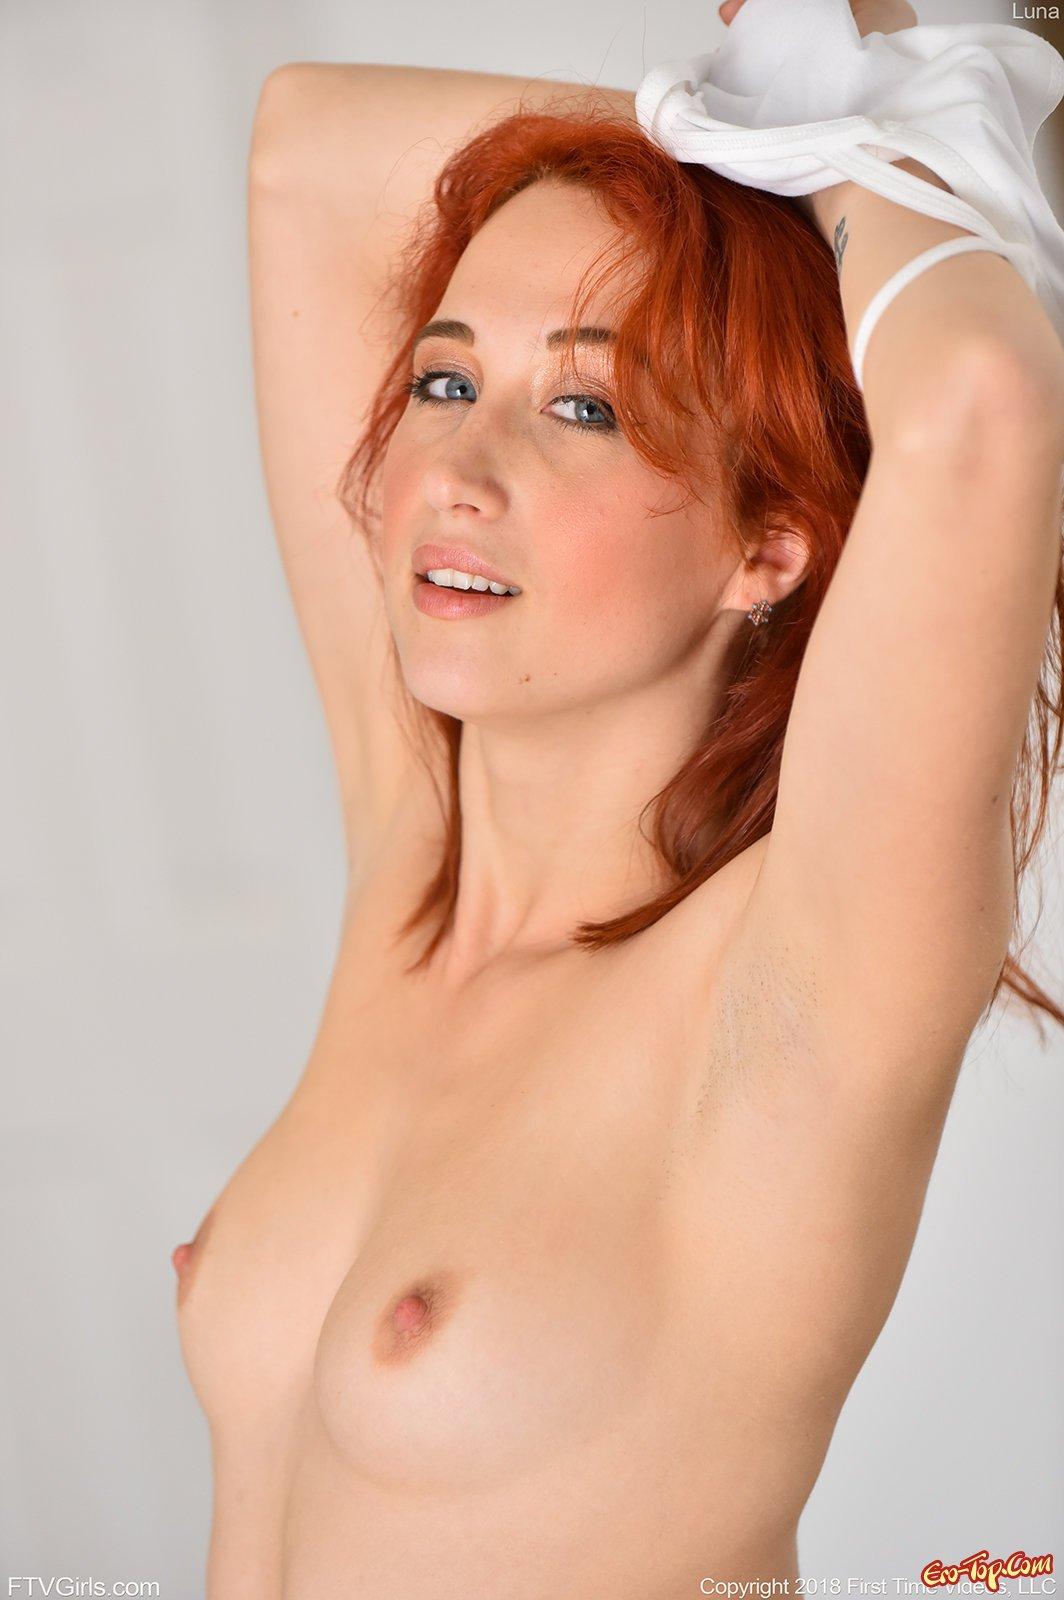 Рыжеволосая фотомодель обнажает голое роскошное тело